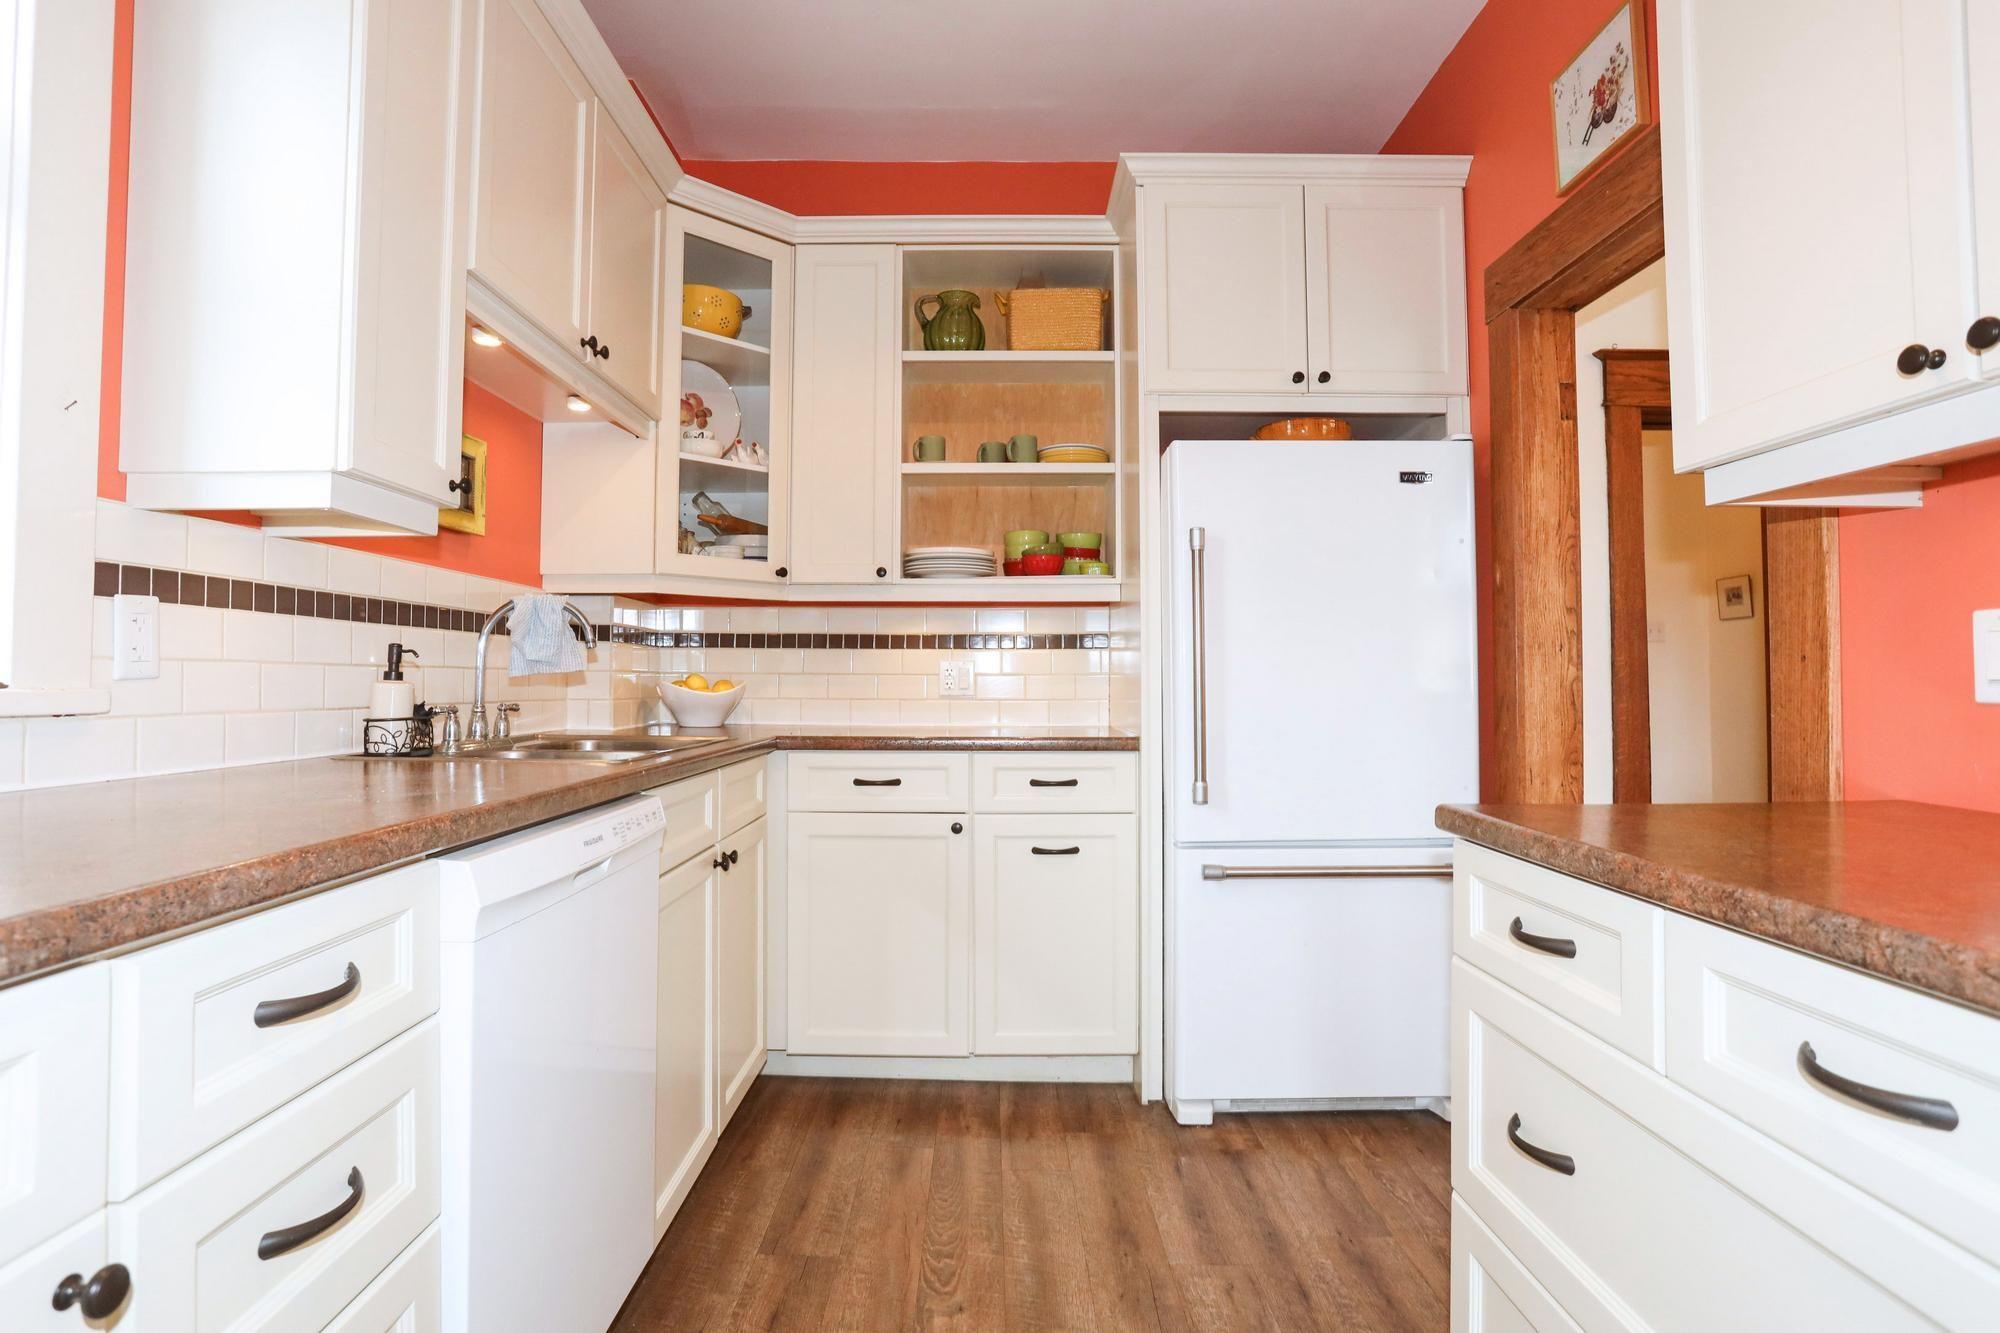 Photo 15: Photos: 35 Lipton Street in Winnipeg: Wolseley Single Family Detached for sale (5B)  : MLS®# 202110486